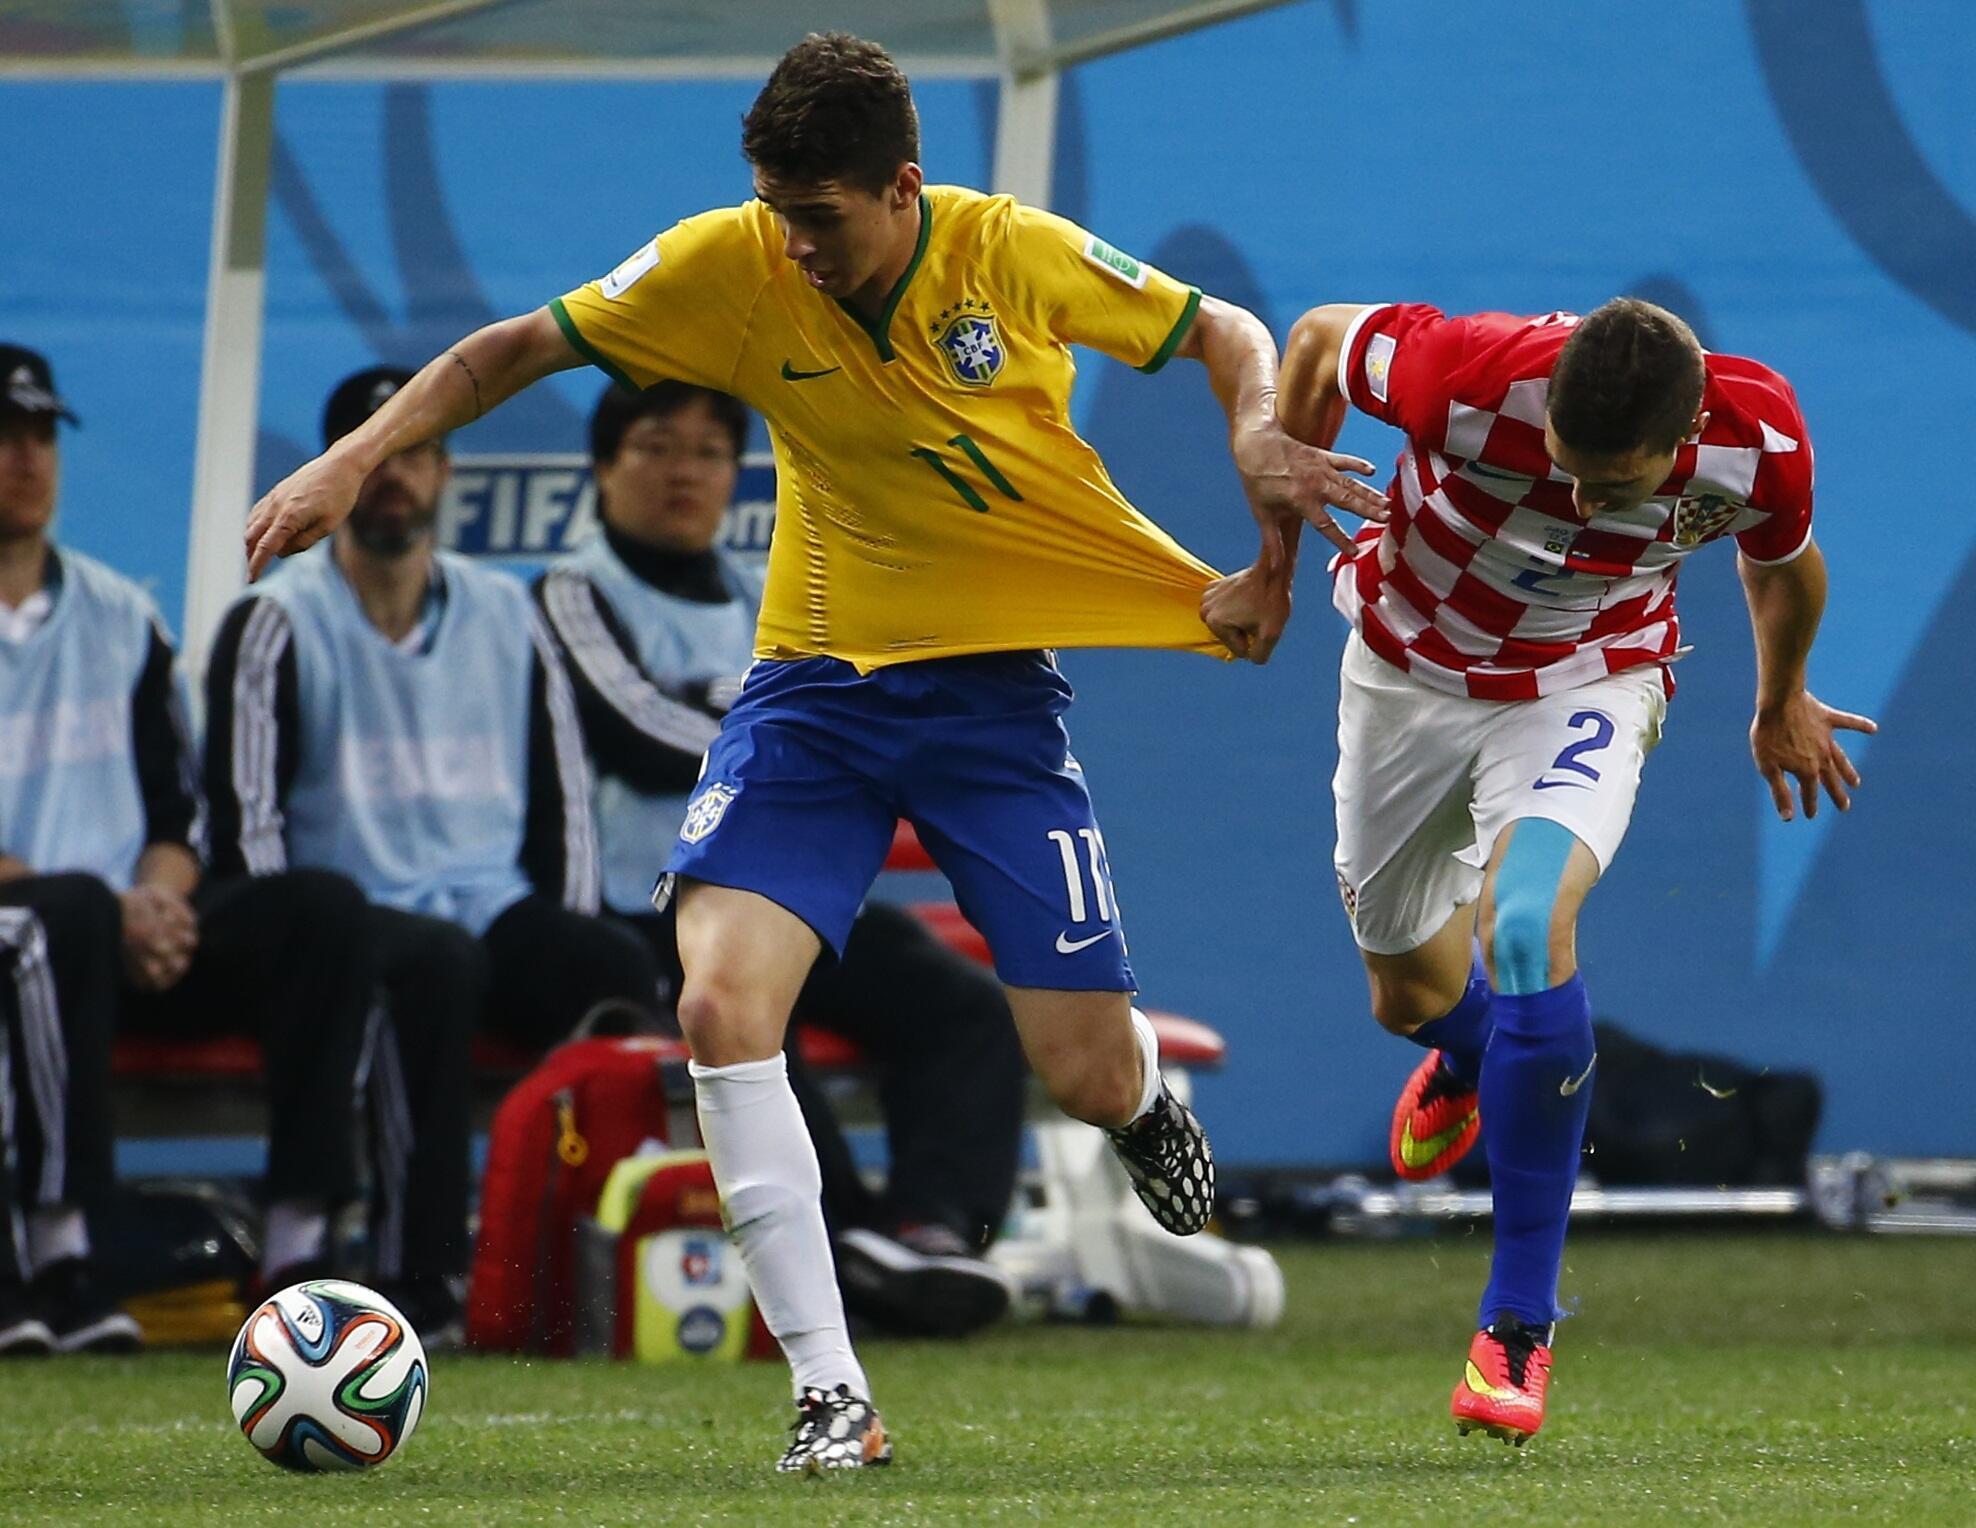 Entre Hernanes du Brésil (à gauche) et Vrsaljko de la Croatie (à droite), duel acharné lors du match d'ouverture du Mondial.